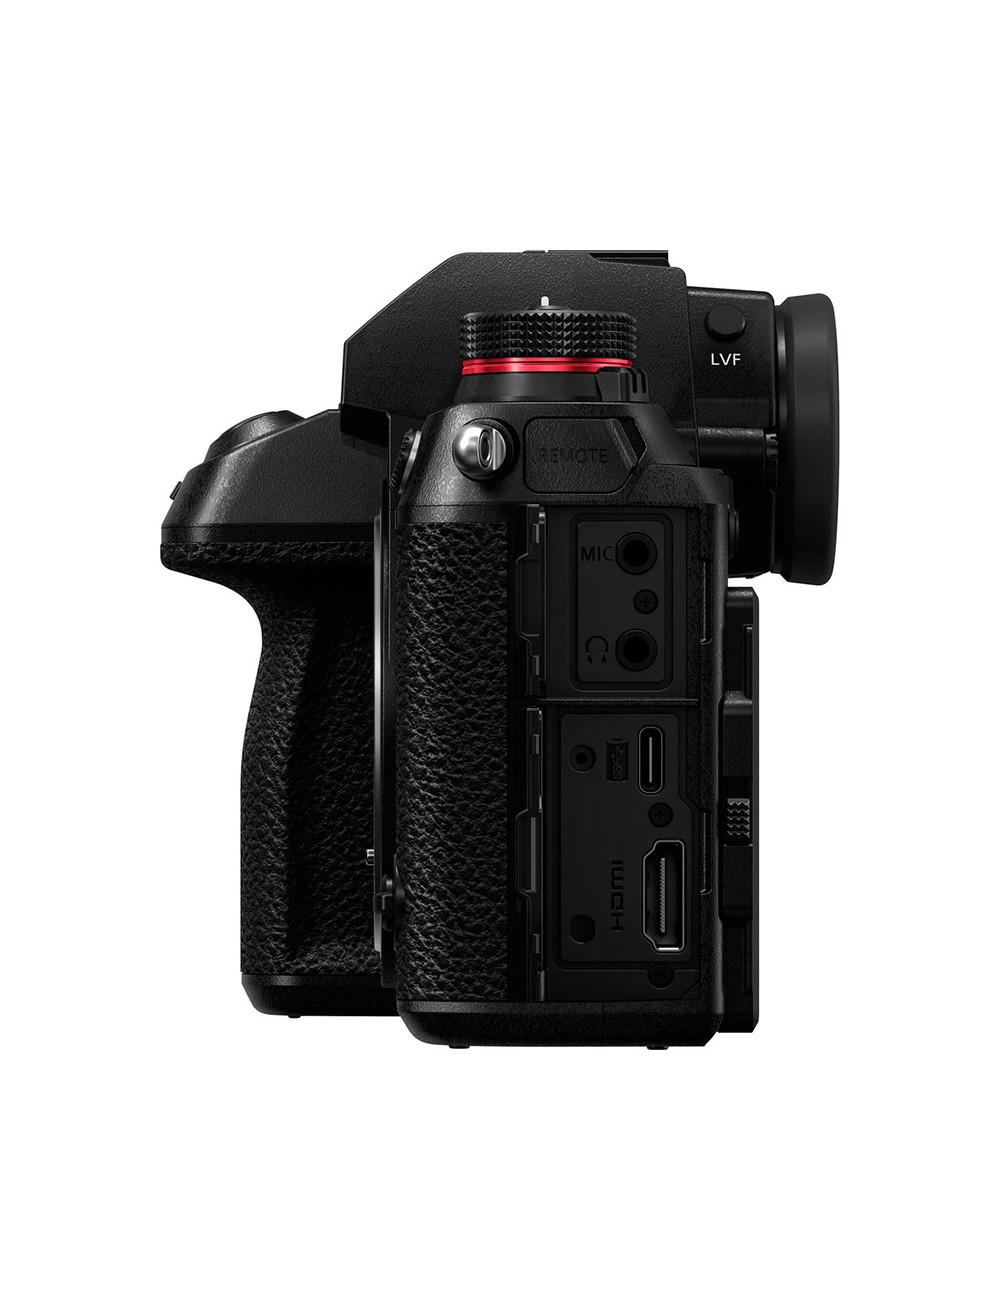 Godox FTR-16S Receptor para Trigger FT-16s - Compatibles con series VING de Godox